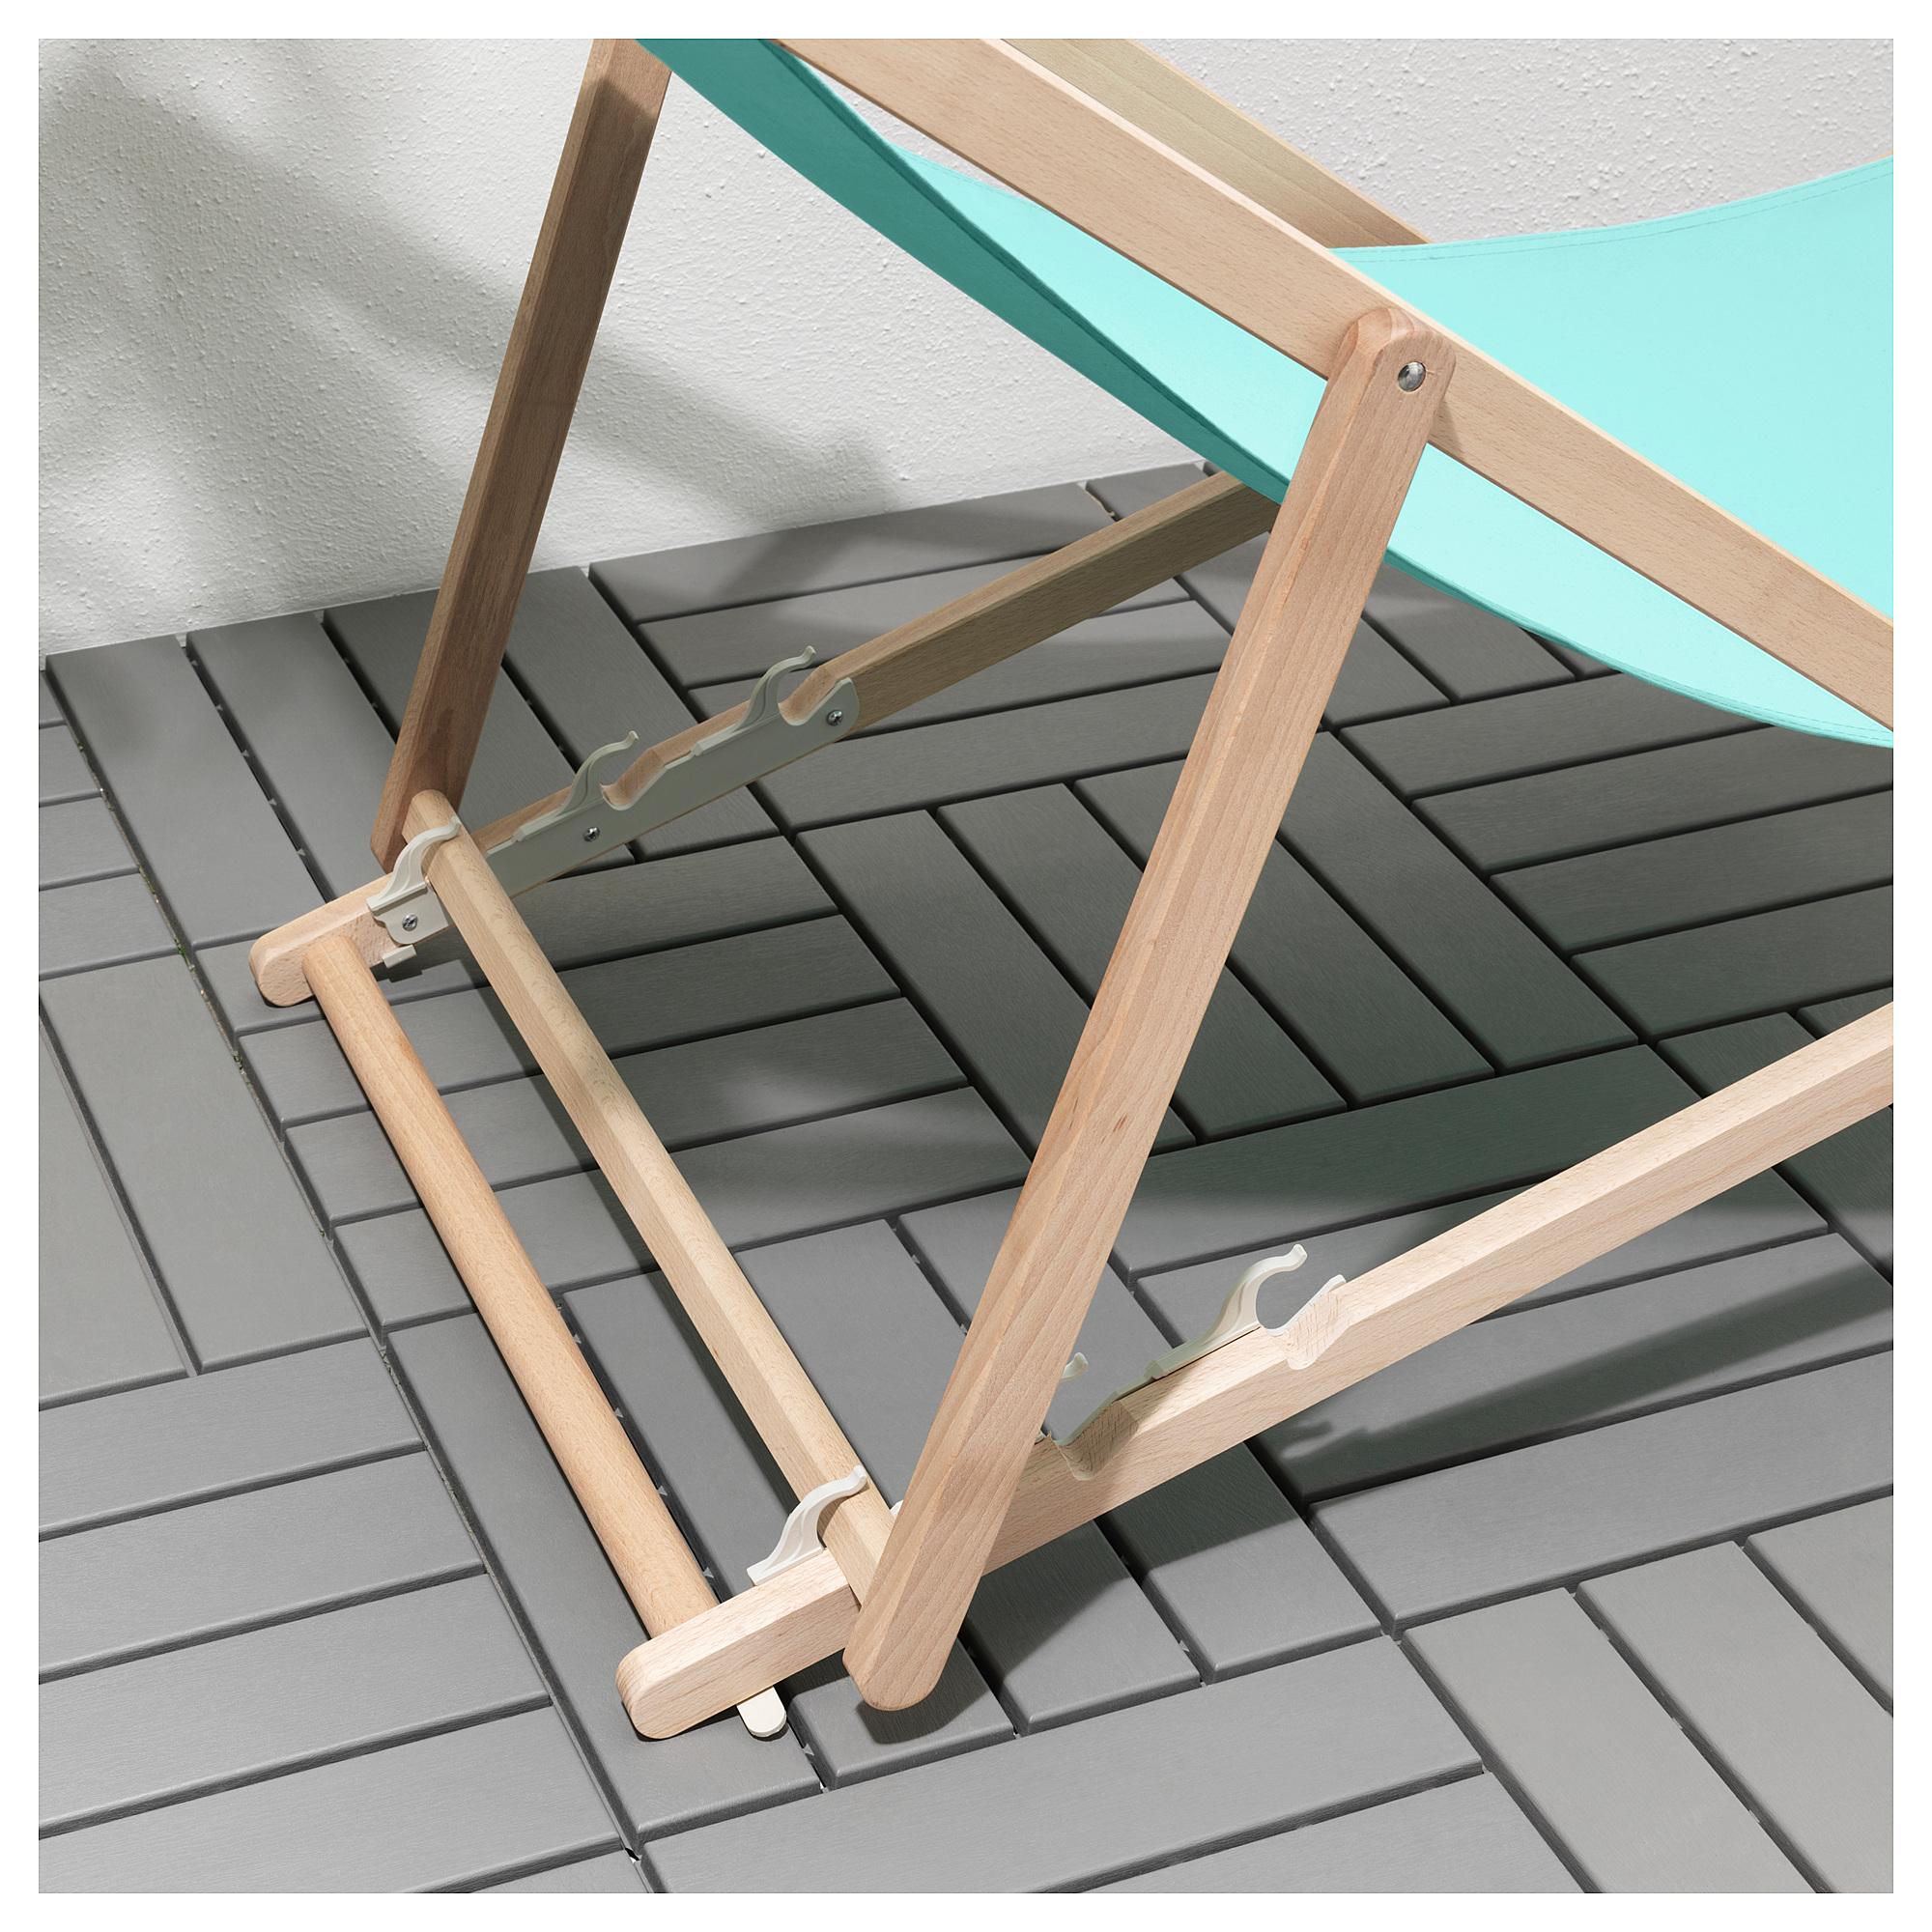 Пляжный стул МЮСИНГСО бирюзовый артикуль № 003.895.24 в наличии. Интернет каталог IKEA РБ. Быстрая доставка и установка.